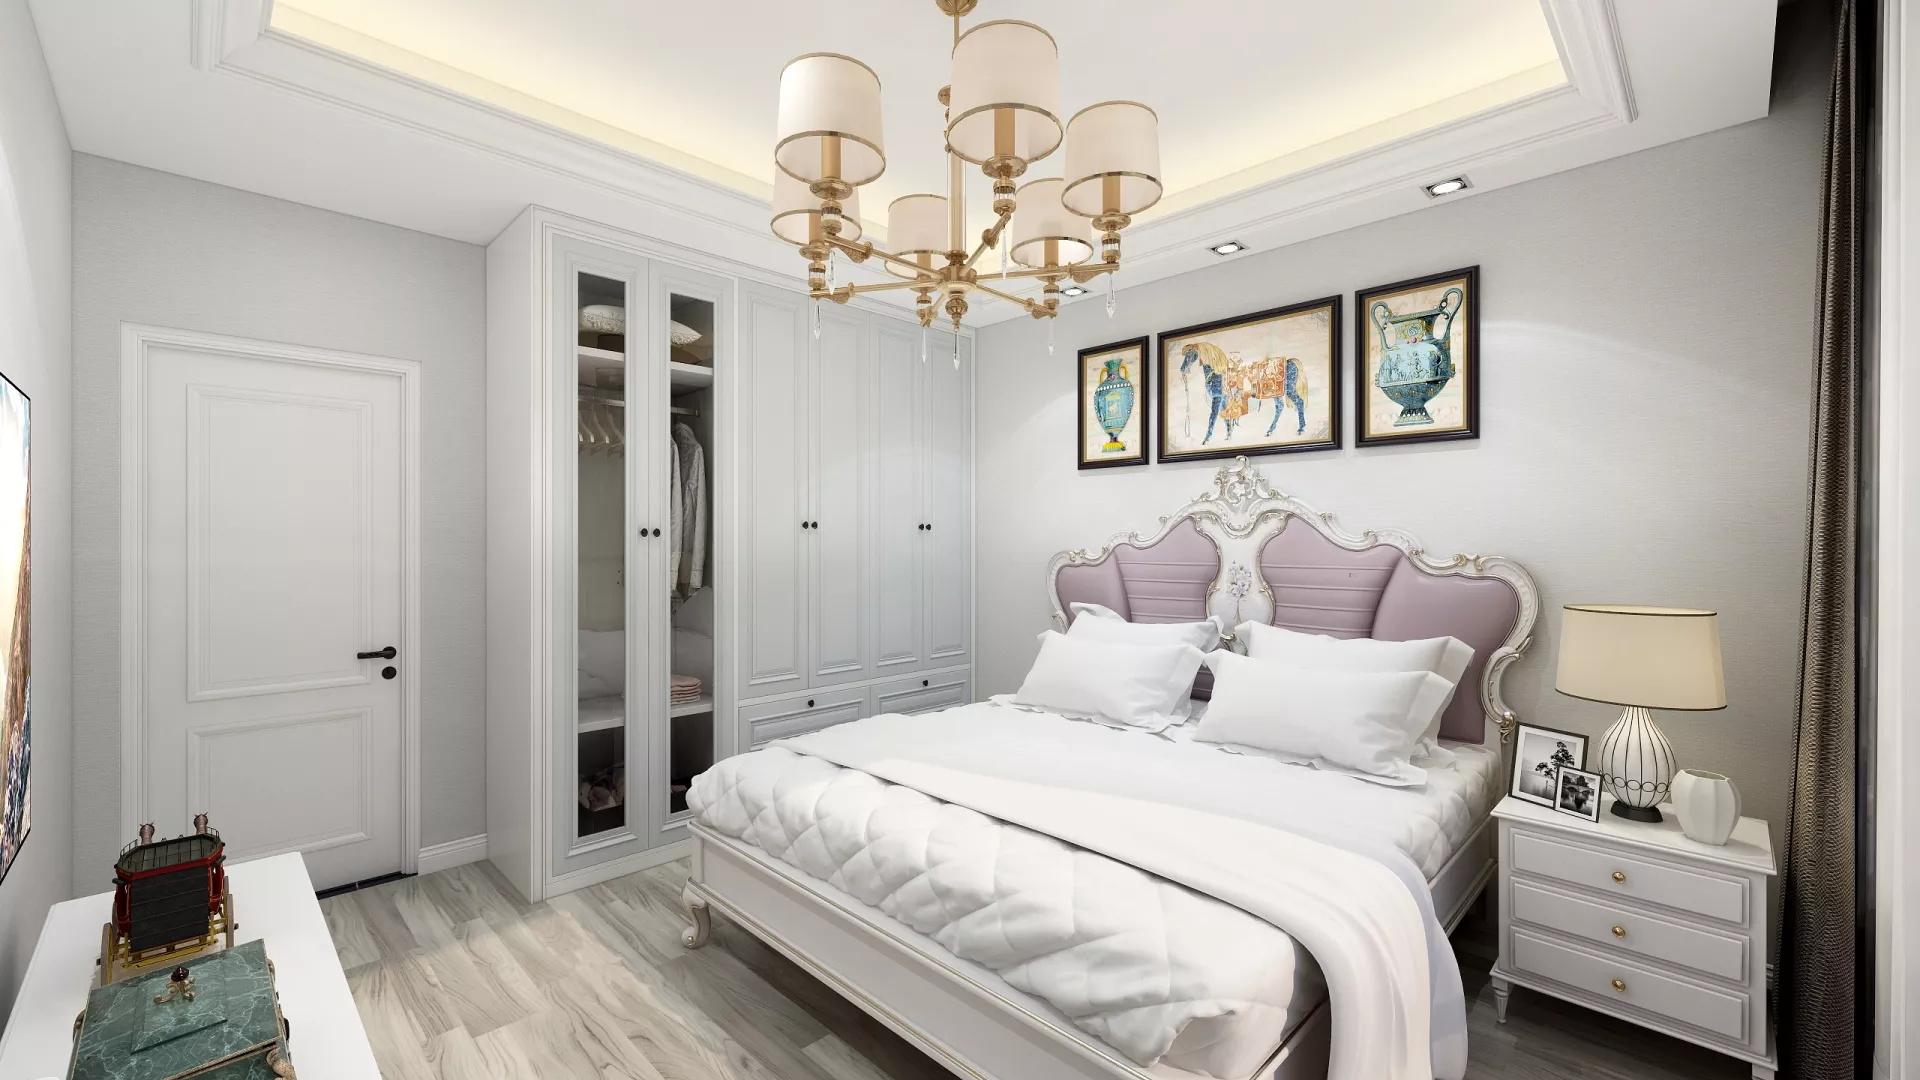 86㎡多彩公寓简约风格装修设计效果图